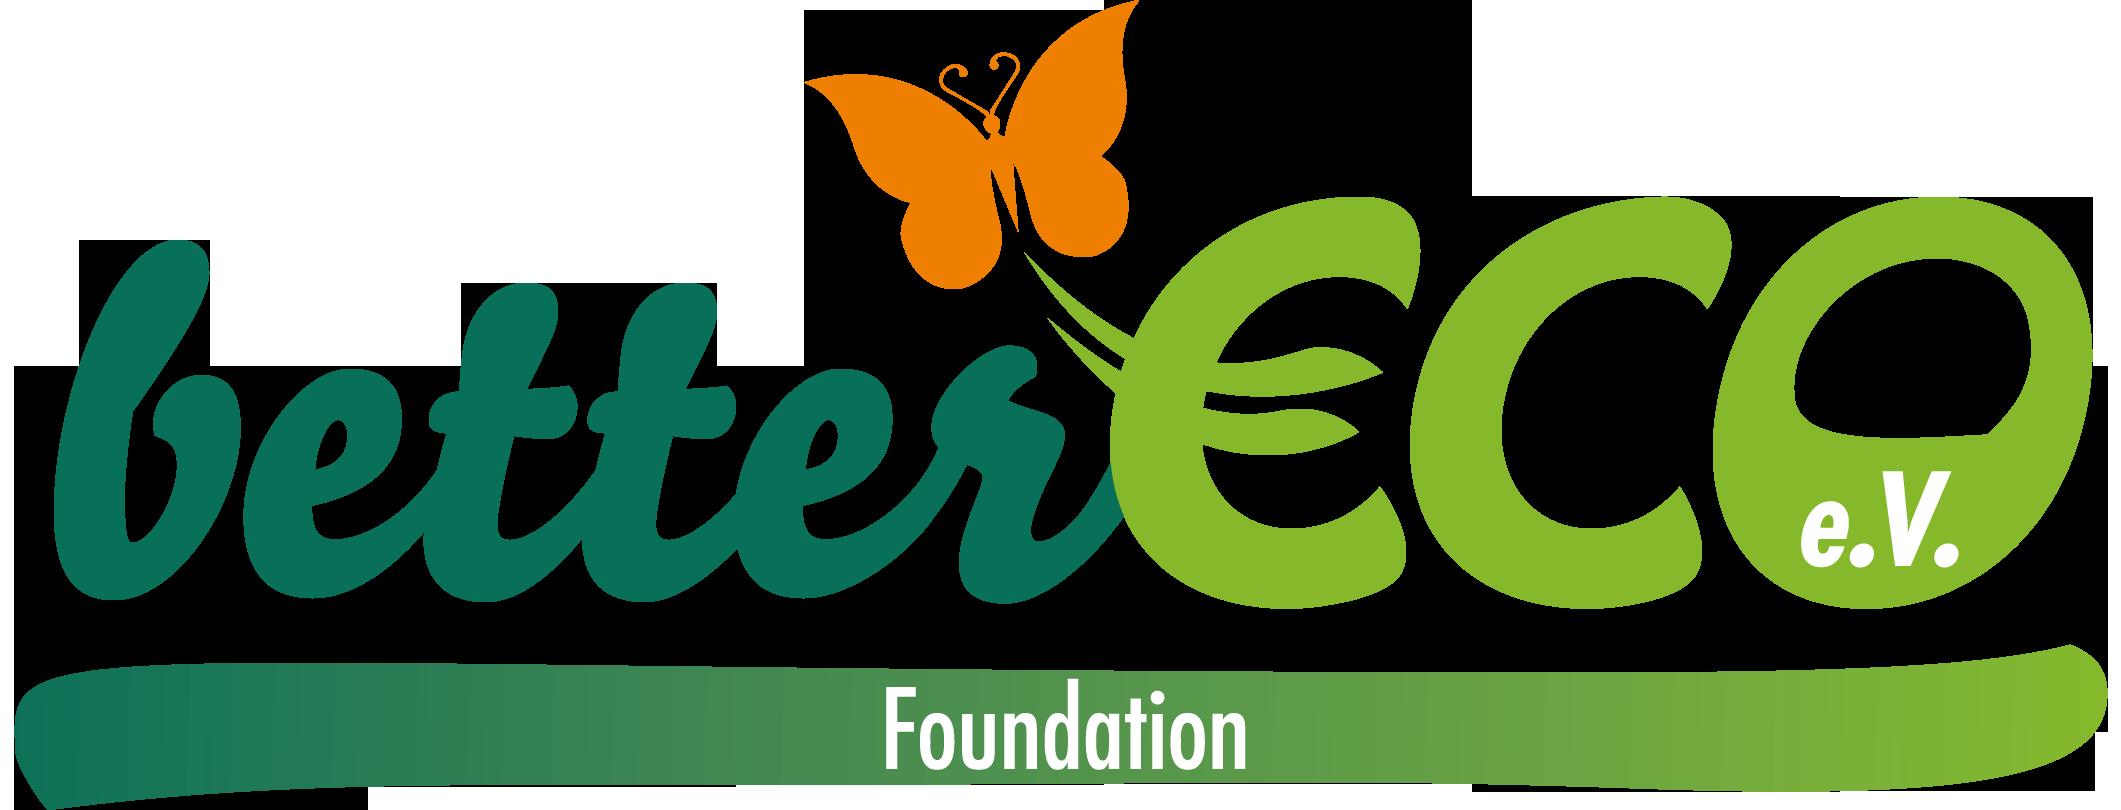 betterECO Foundation e.V.